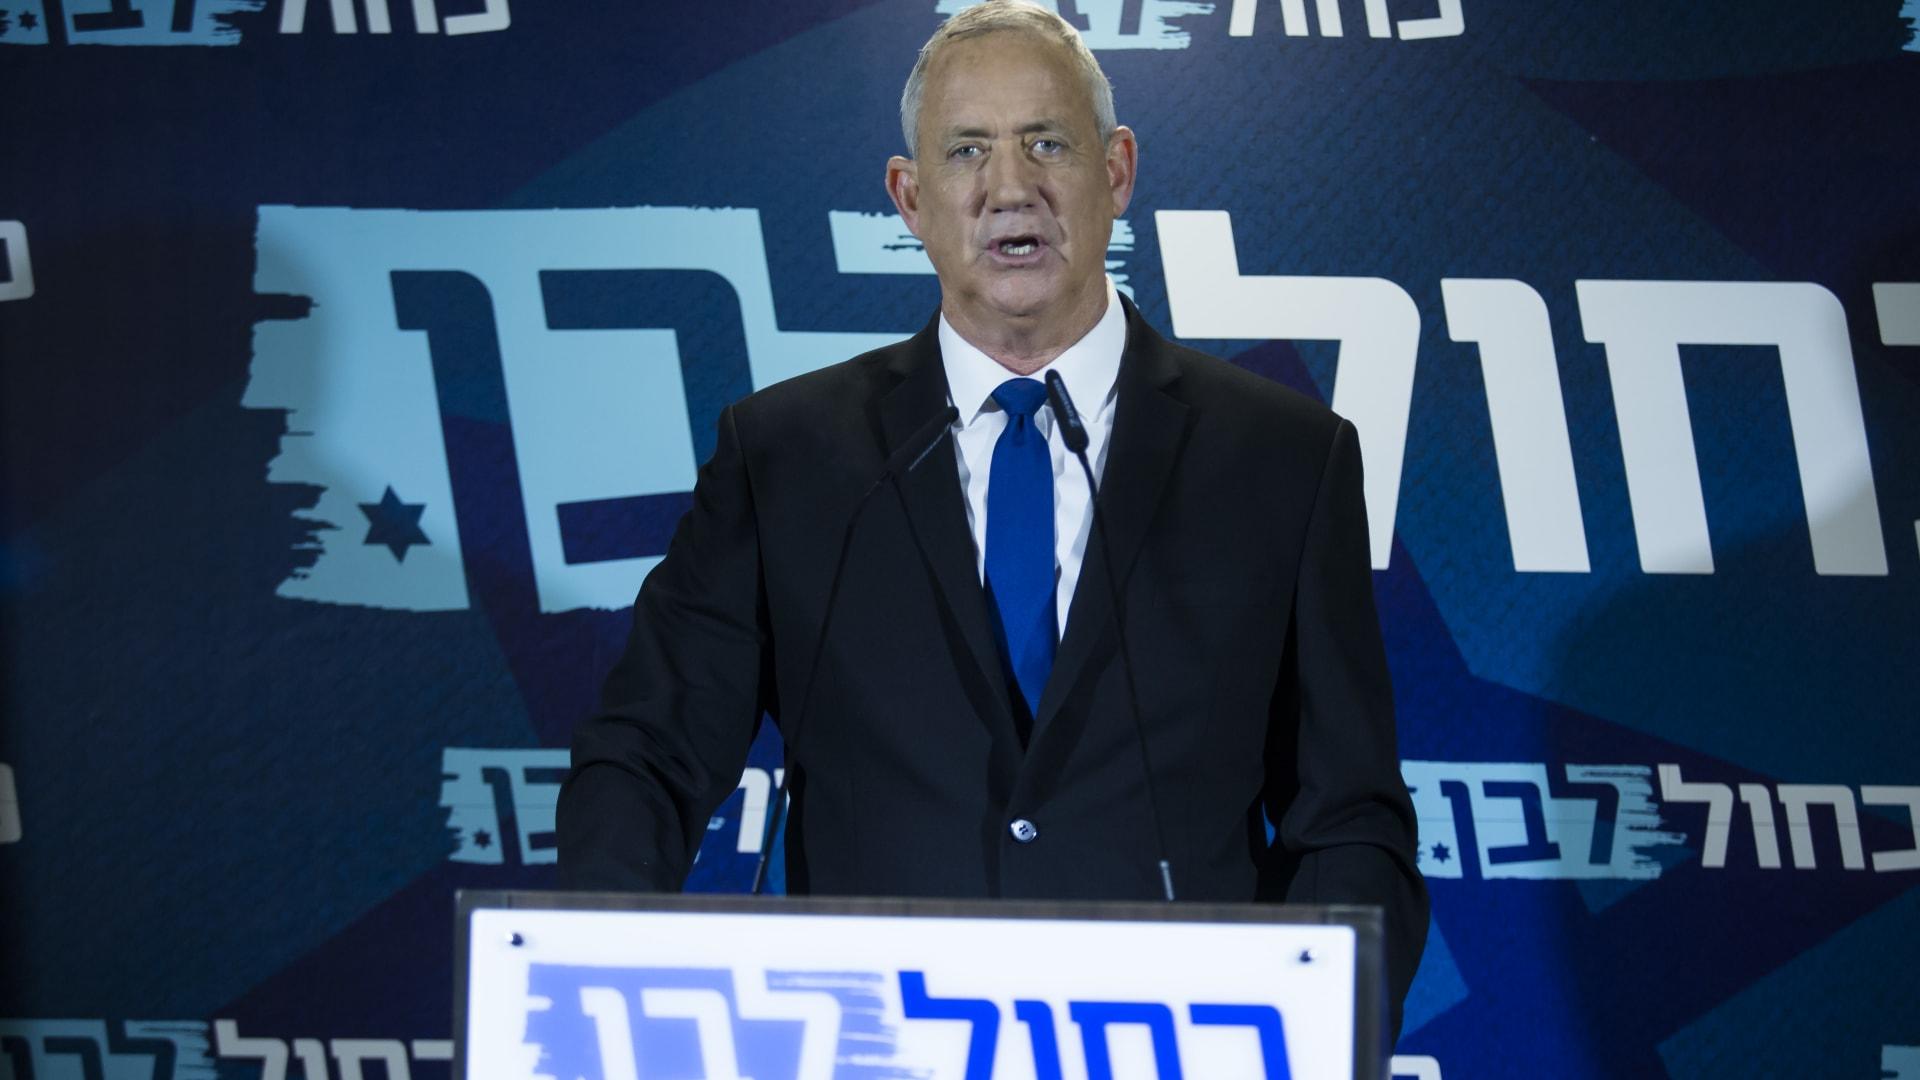 بوريس جونسون يهدد إيران بتحمل عواقب الهجوم على الناقلة الإسرائيلية